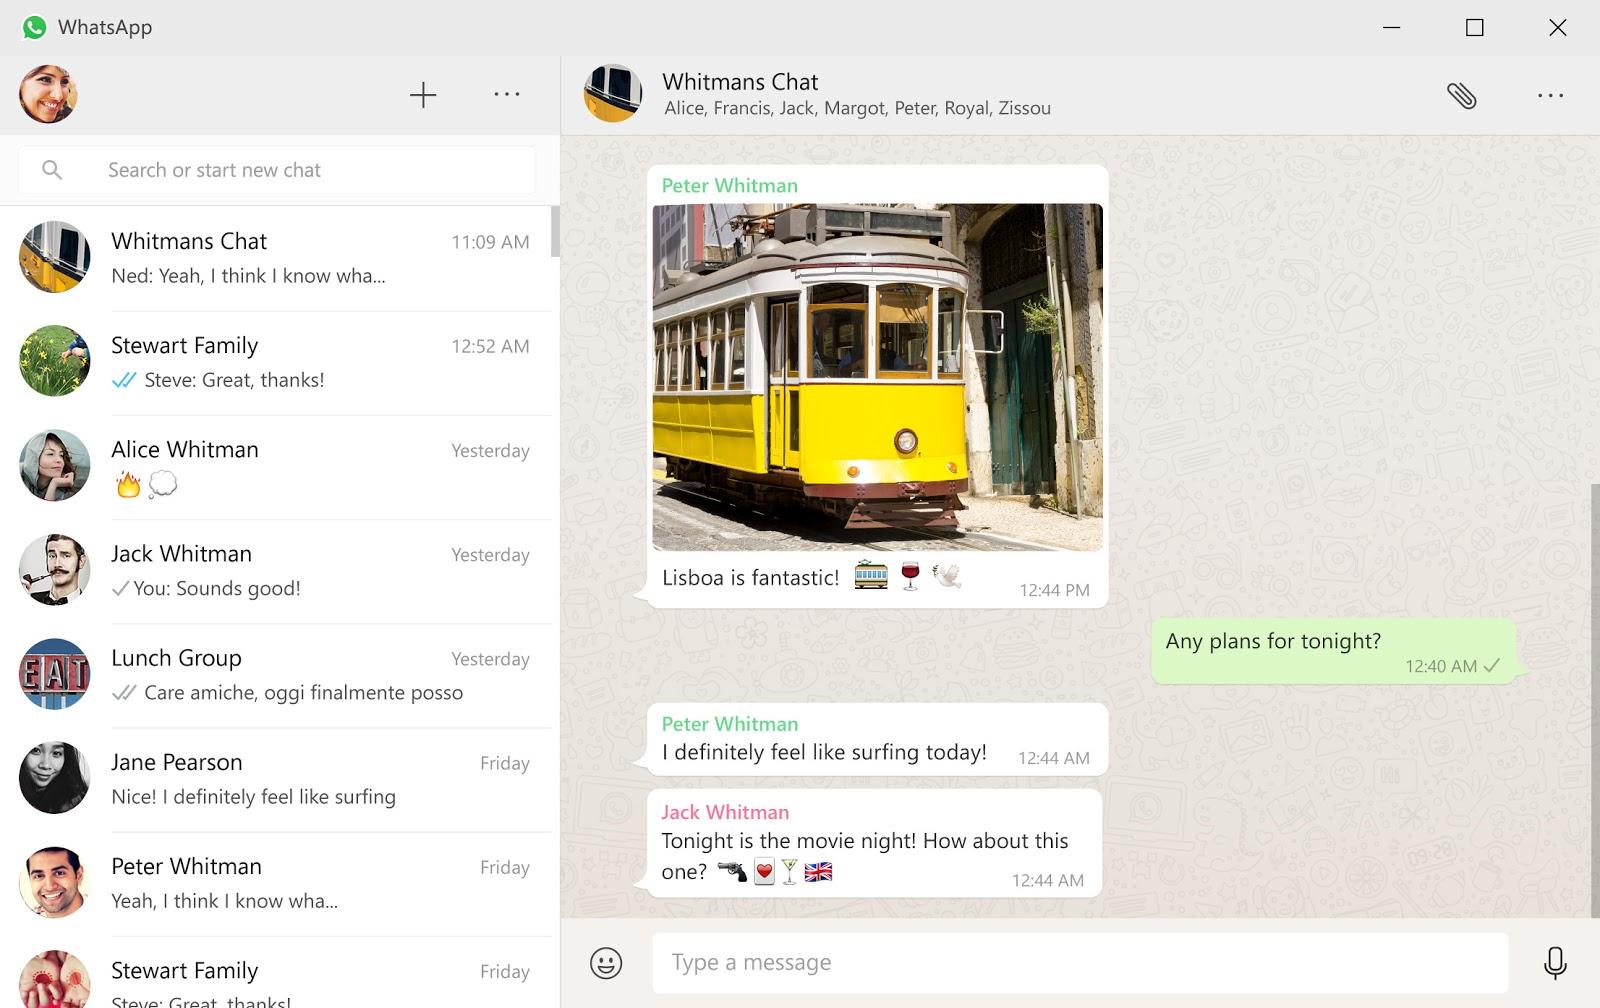 WhatsApp app for Windows, Mac